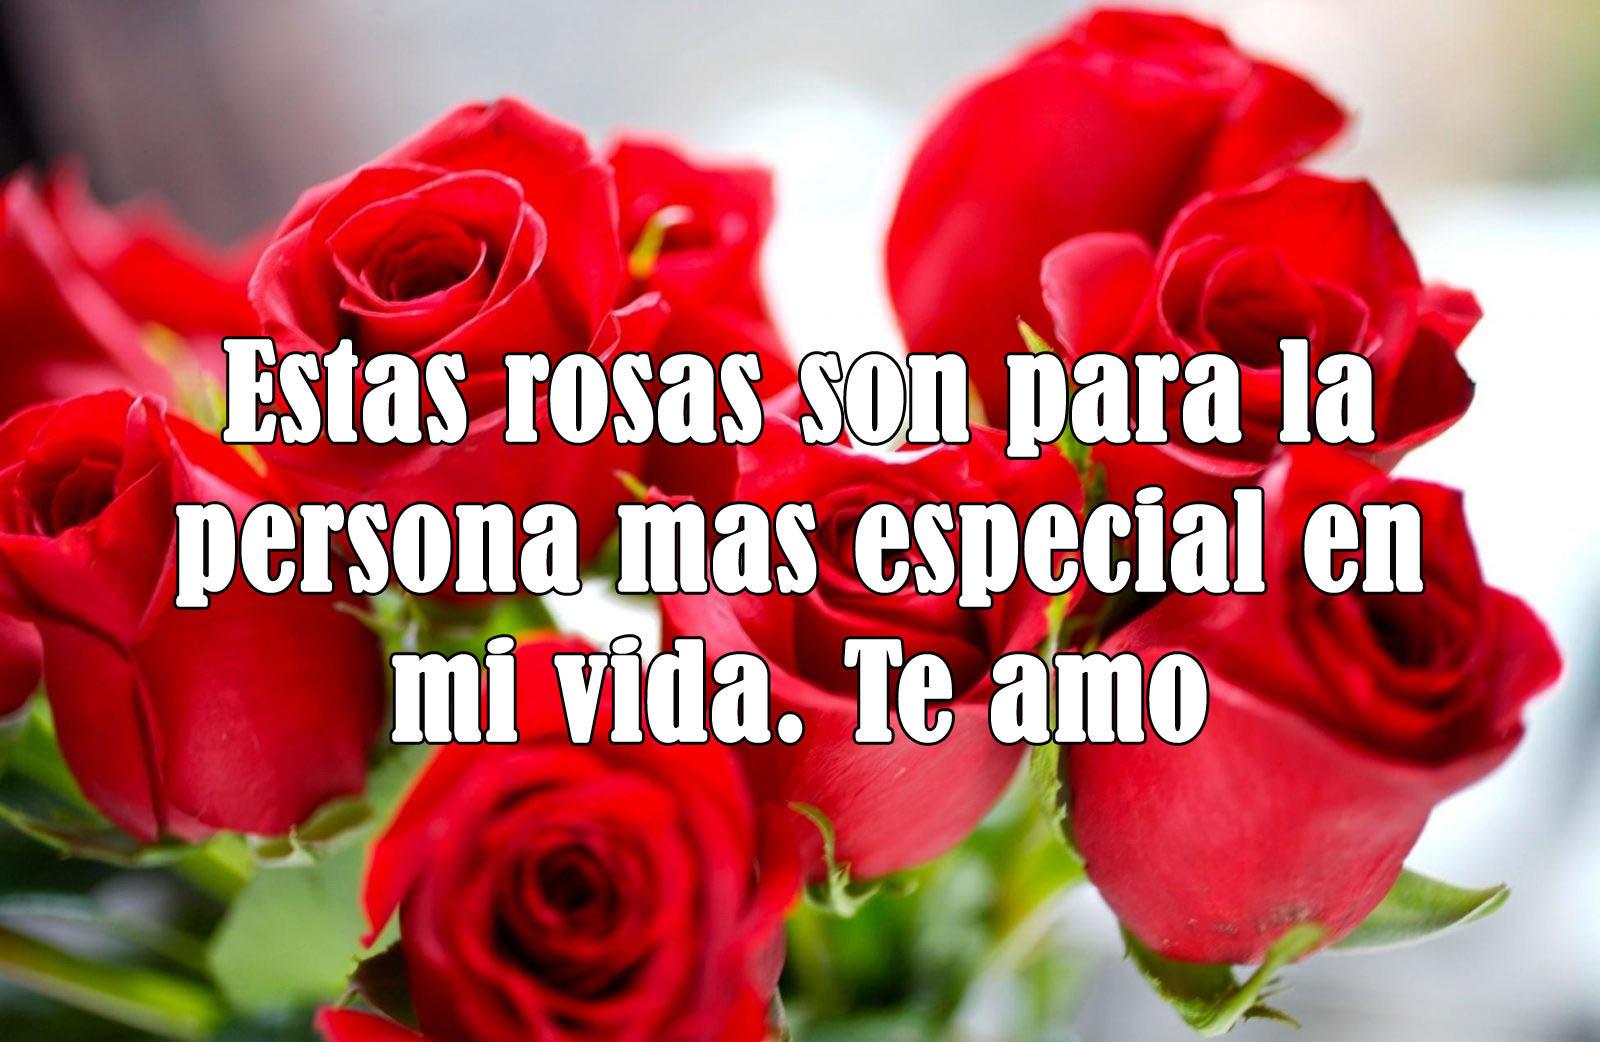 Imagenes con rosas para alguien especial